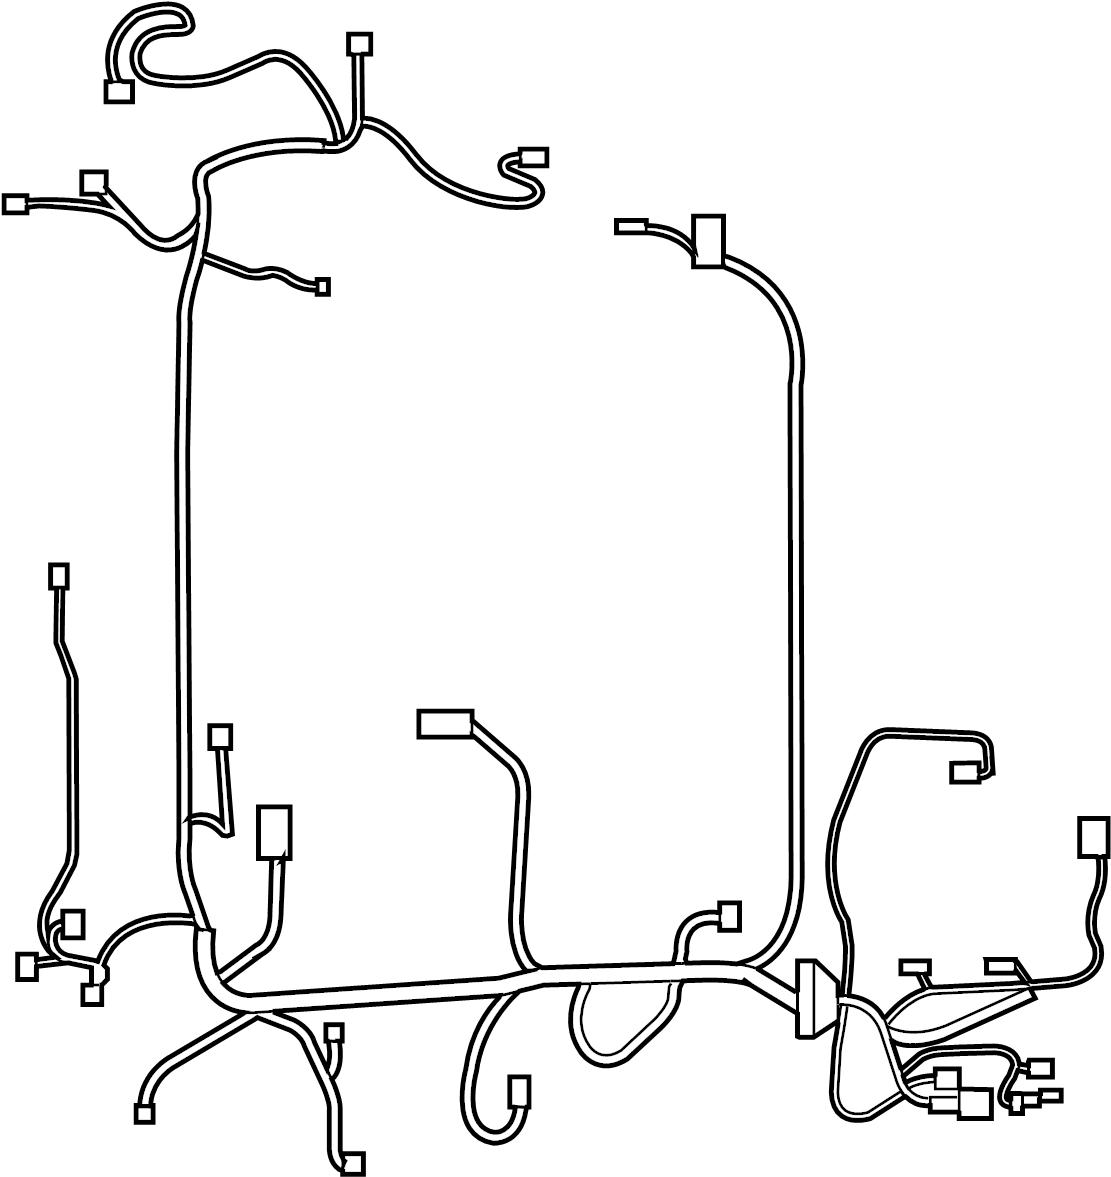 Zt51e